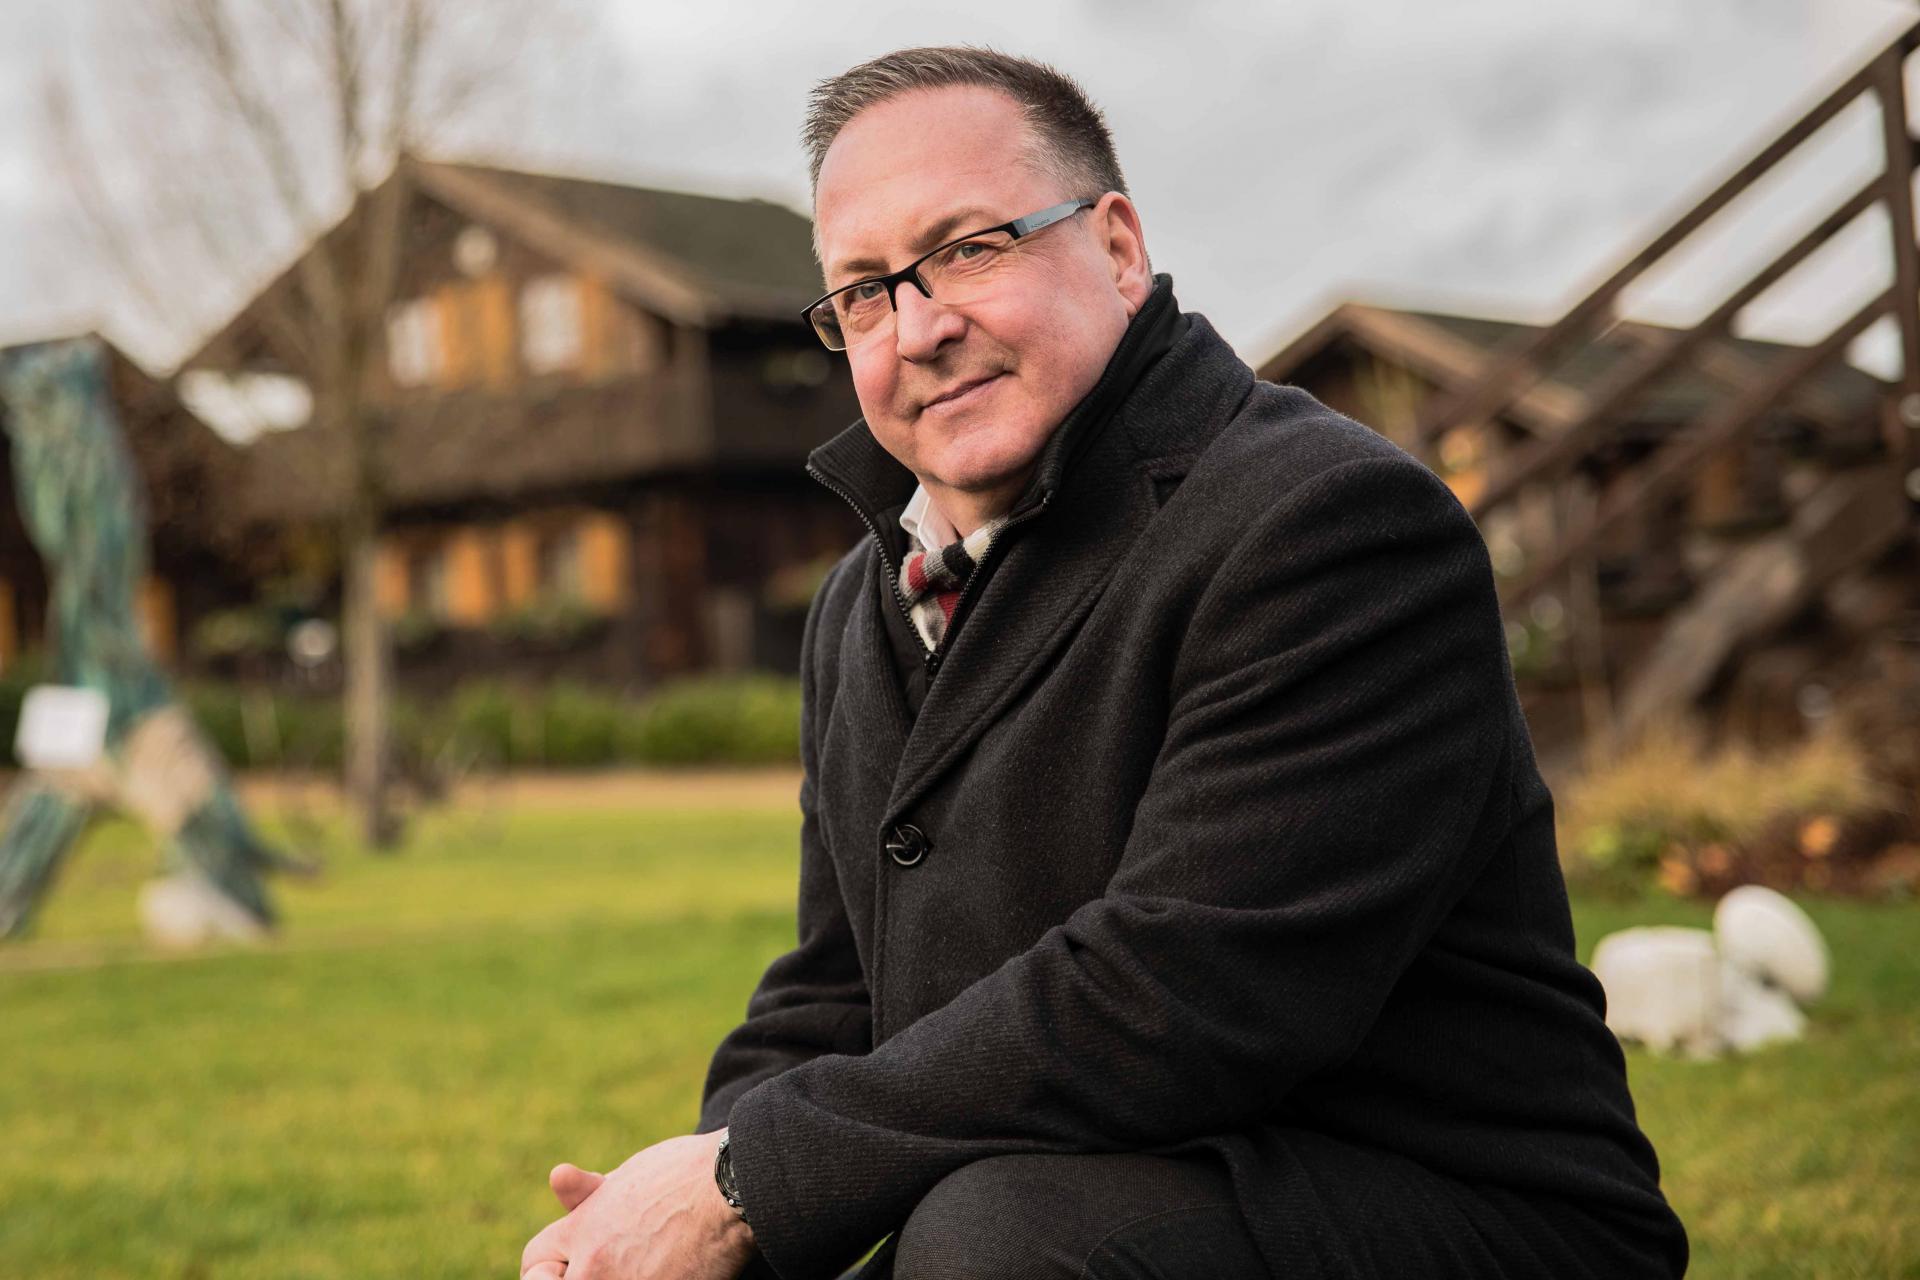 Bürgermeister Helmut Wenzel, Quelle: Stadt Lübbenau/Spreewald